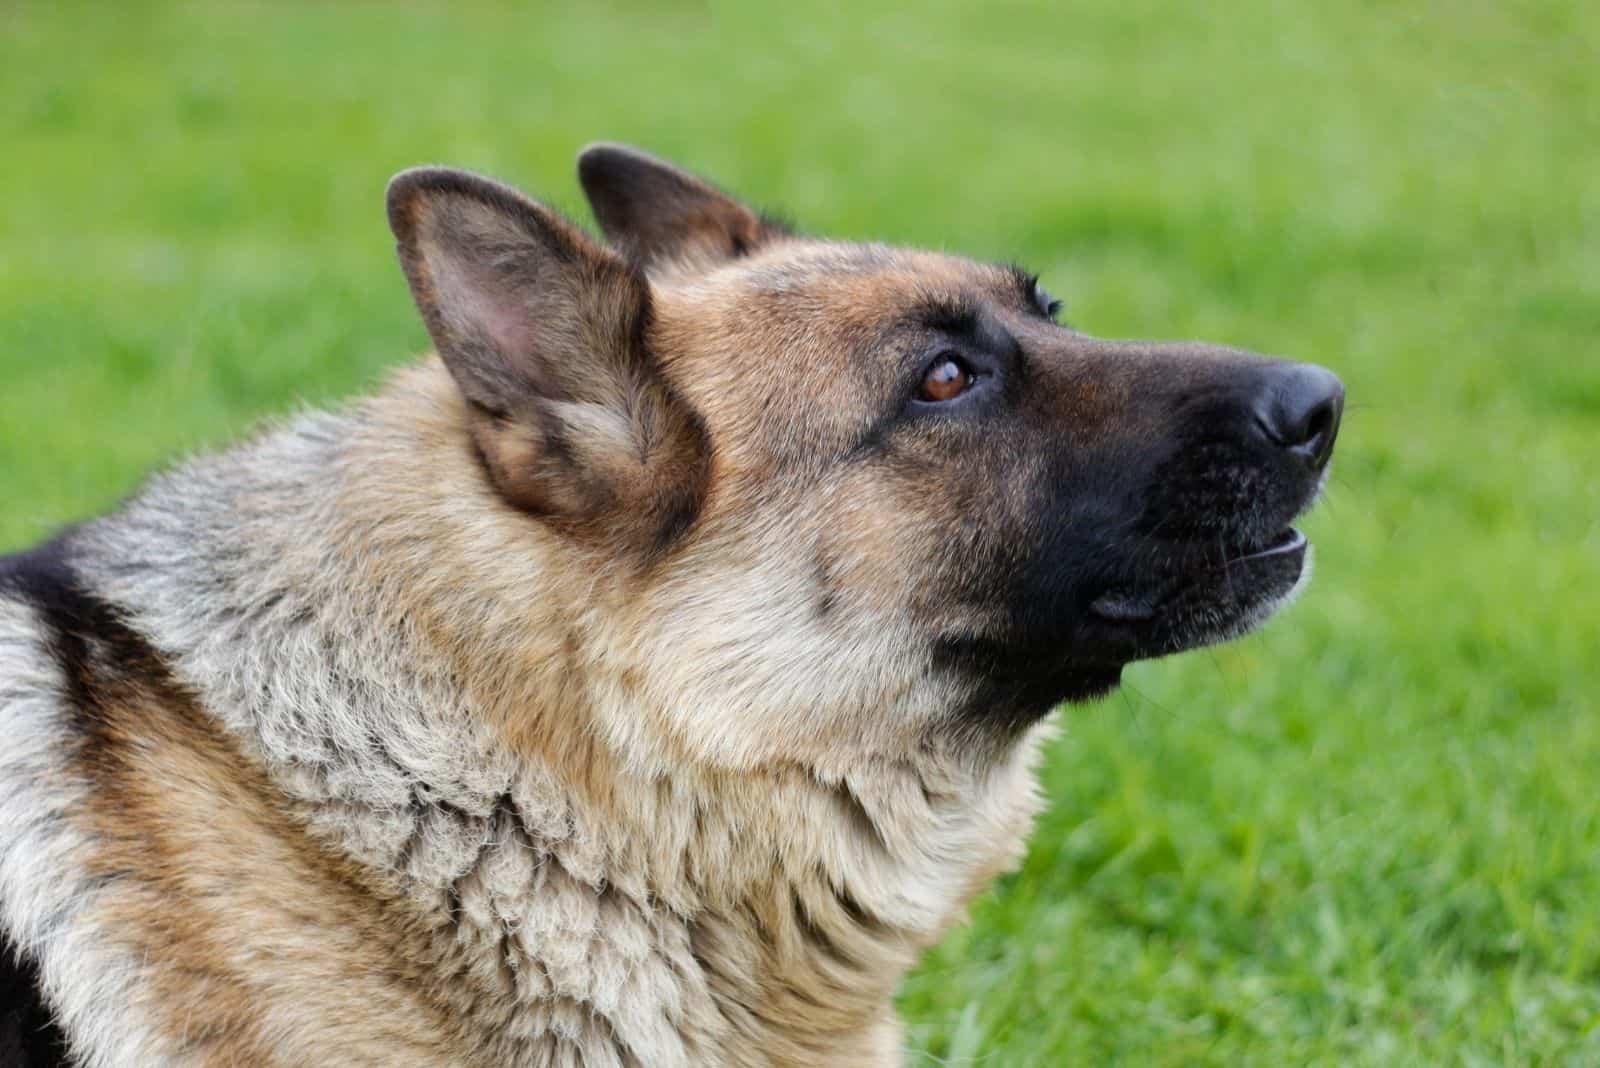 german shepherd howls in focus photography outdoors